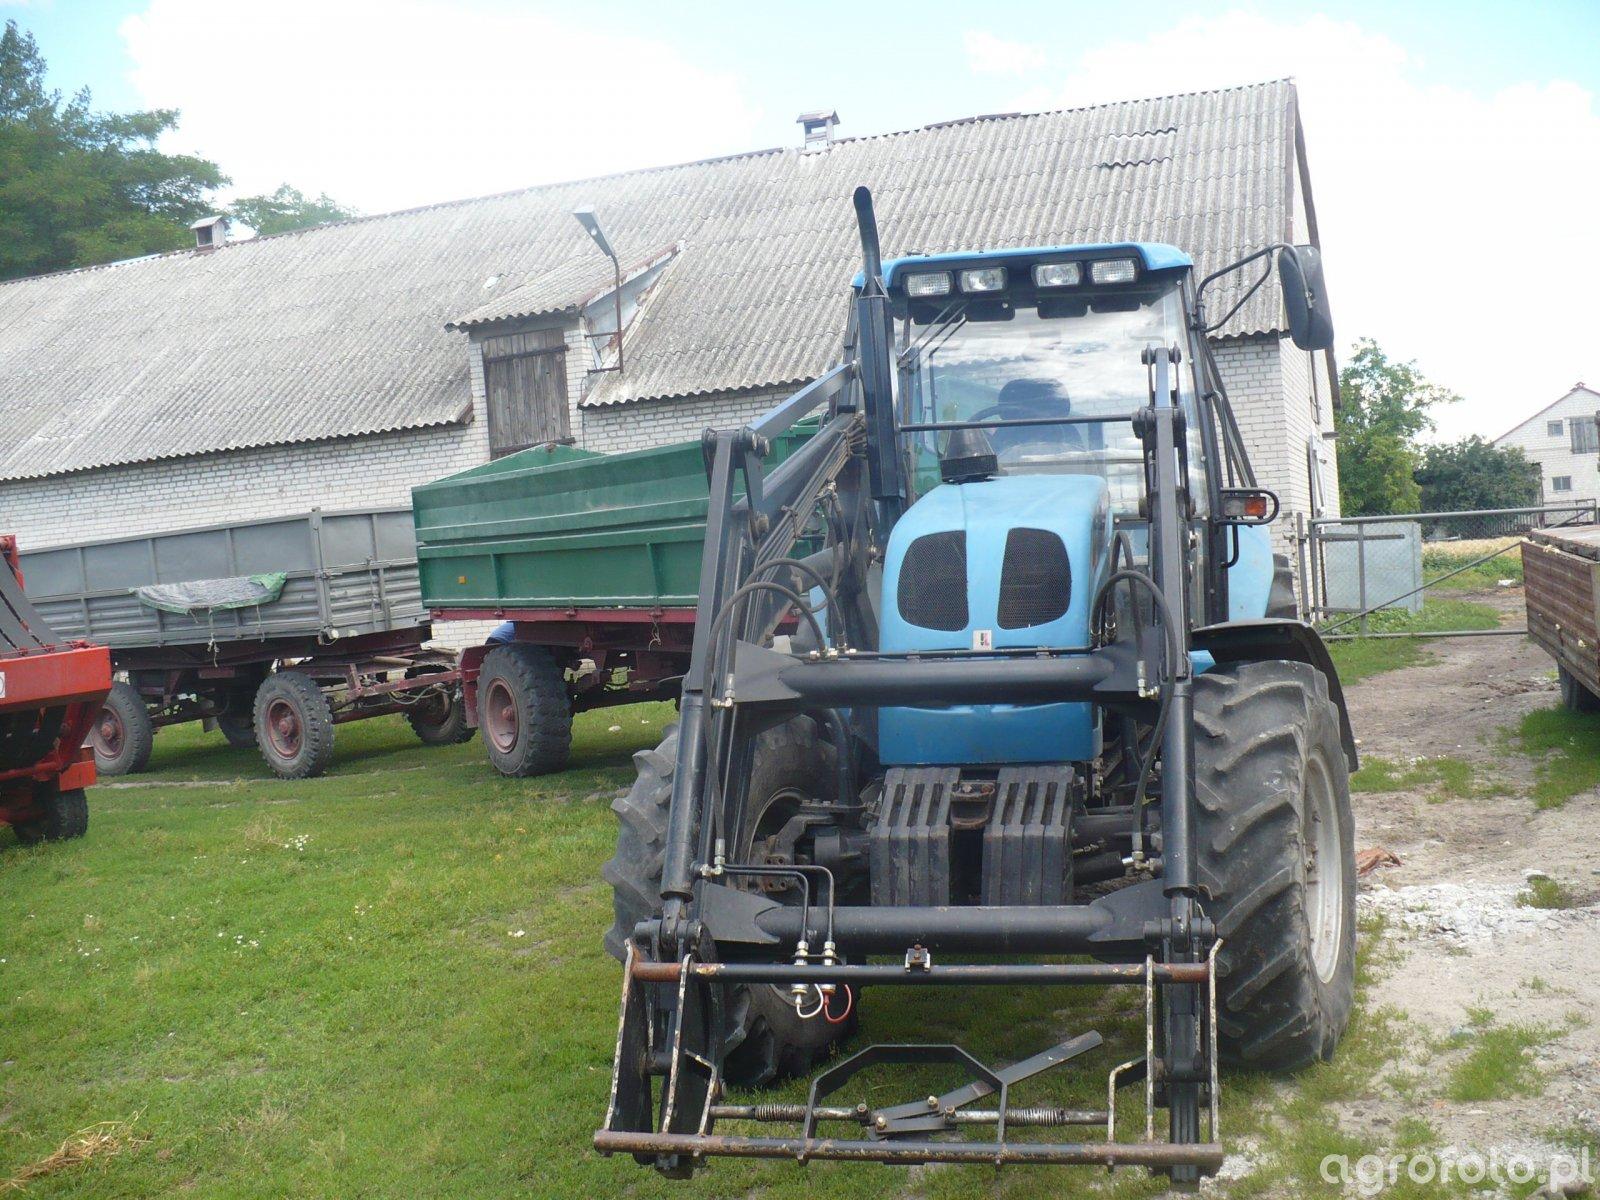 Pronar 1025a + HL 8011 + Autosan d55